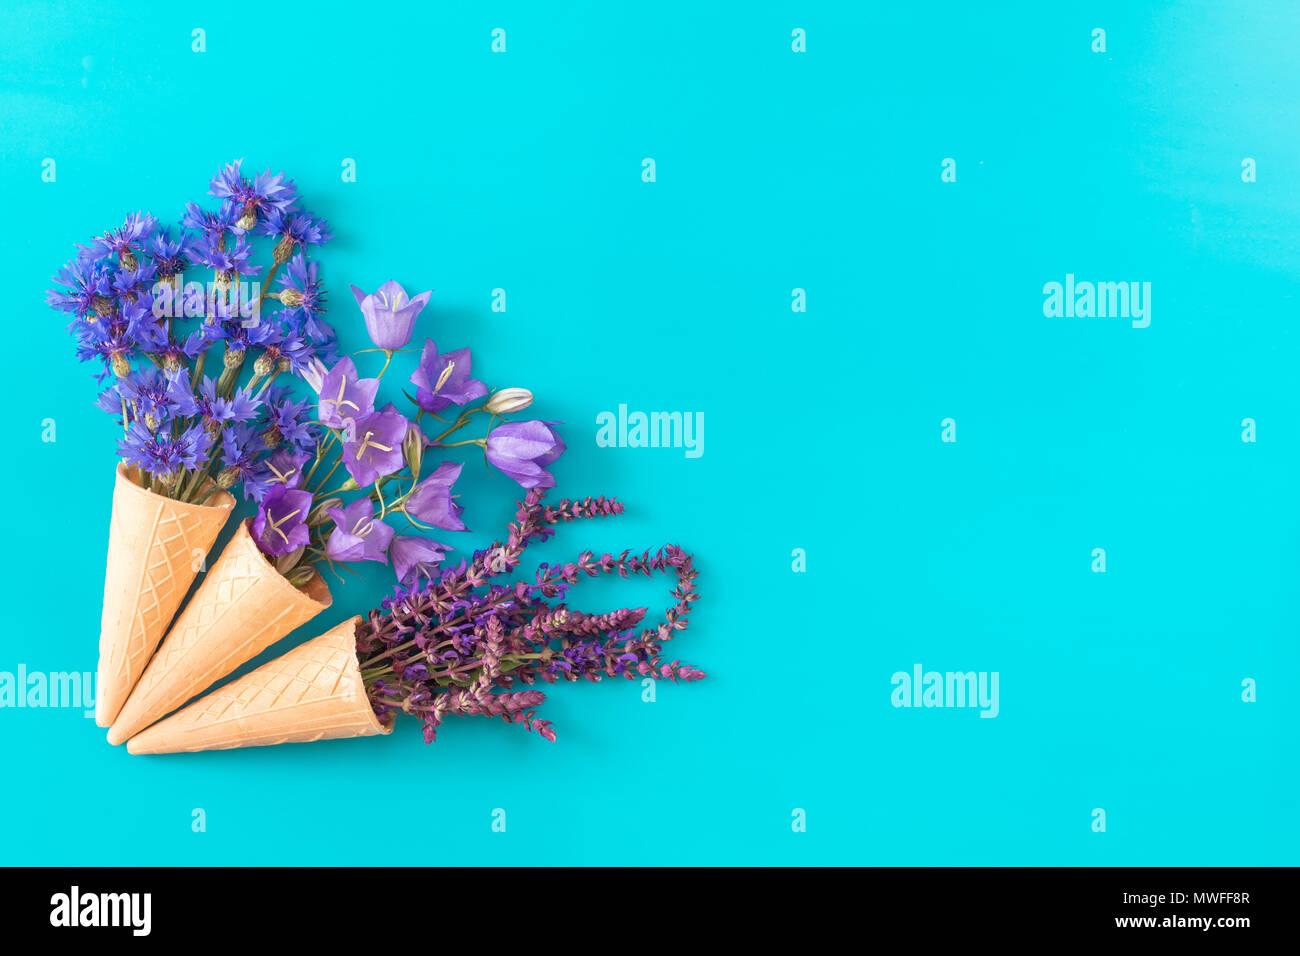 Drei Waffeln mit Thymian, Kornblumen, Blue Bells und weißen Blumen blühen Blumen auf blau Oberfläche. Flach, Ansicht von oben floral background. Stockbild